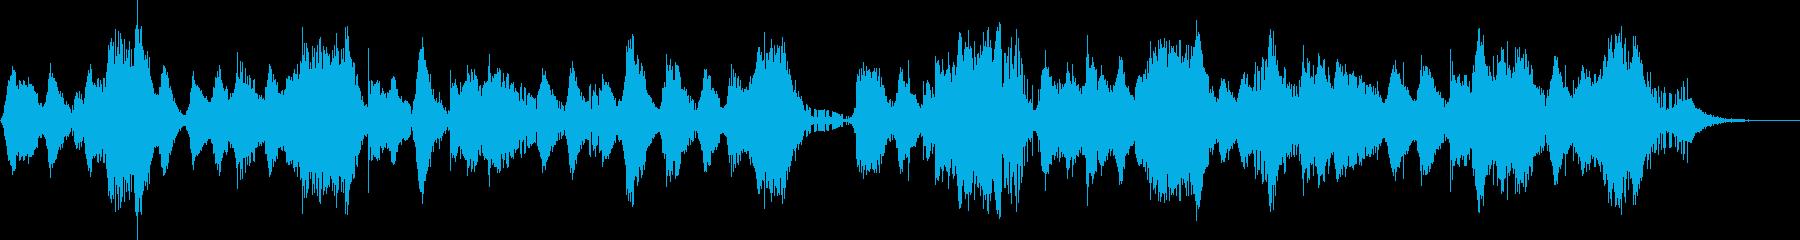 ホラー、不気味な雰囲気のBGMの再生済みの波形